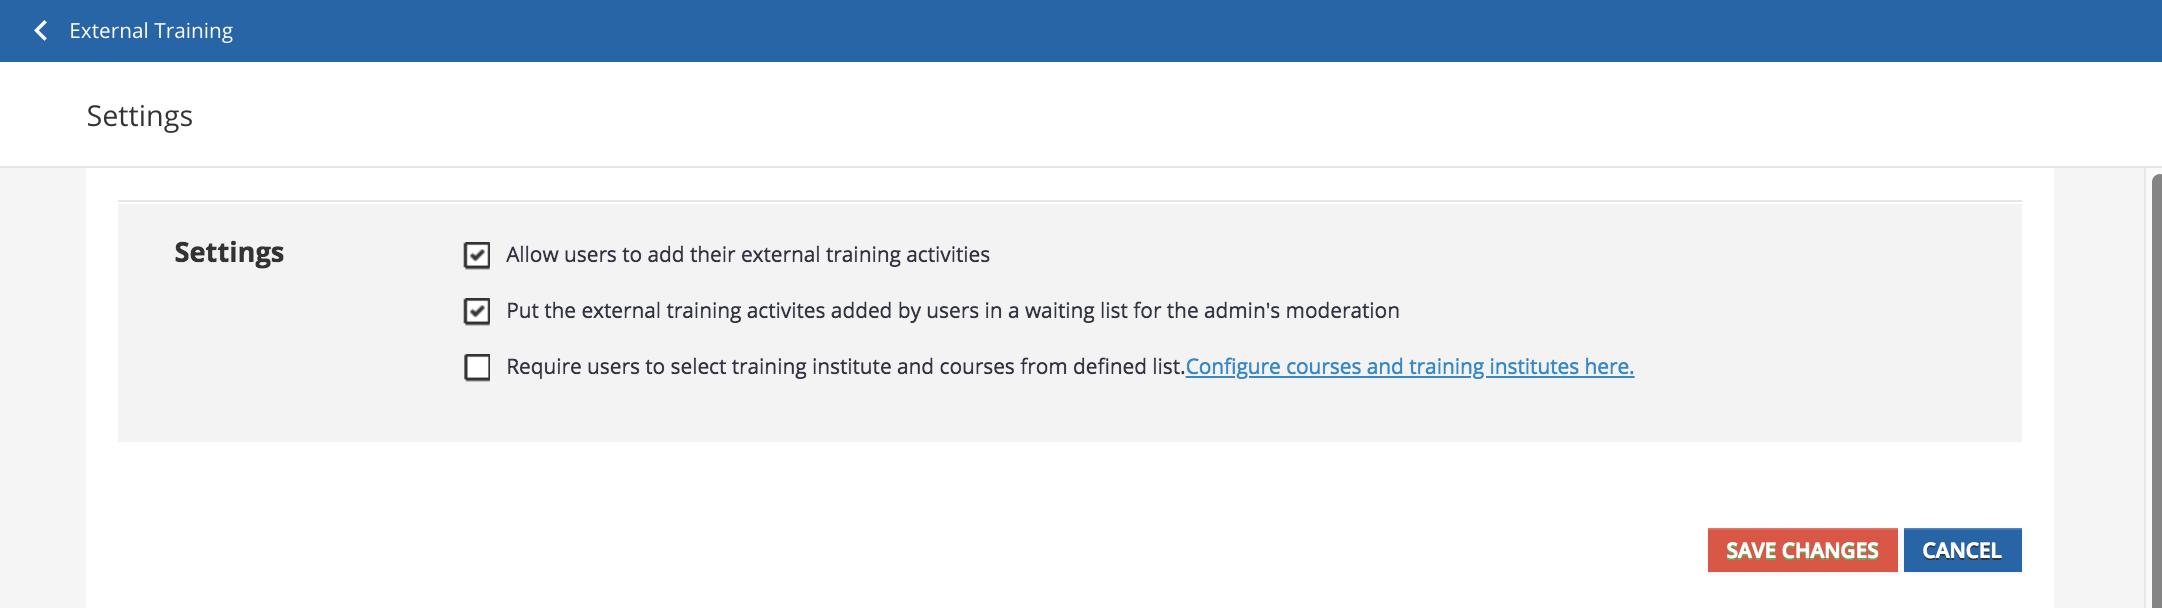 external training settings